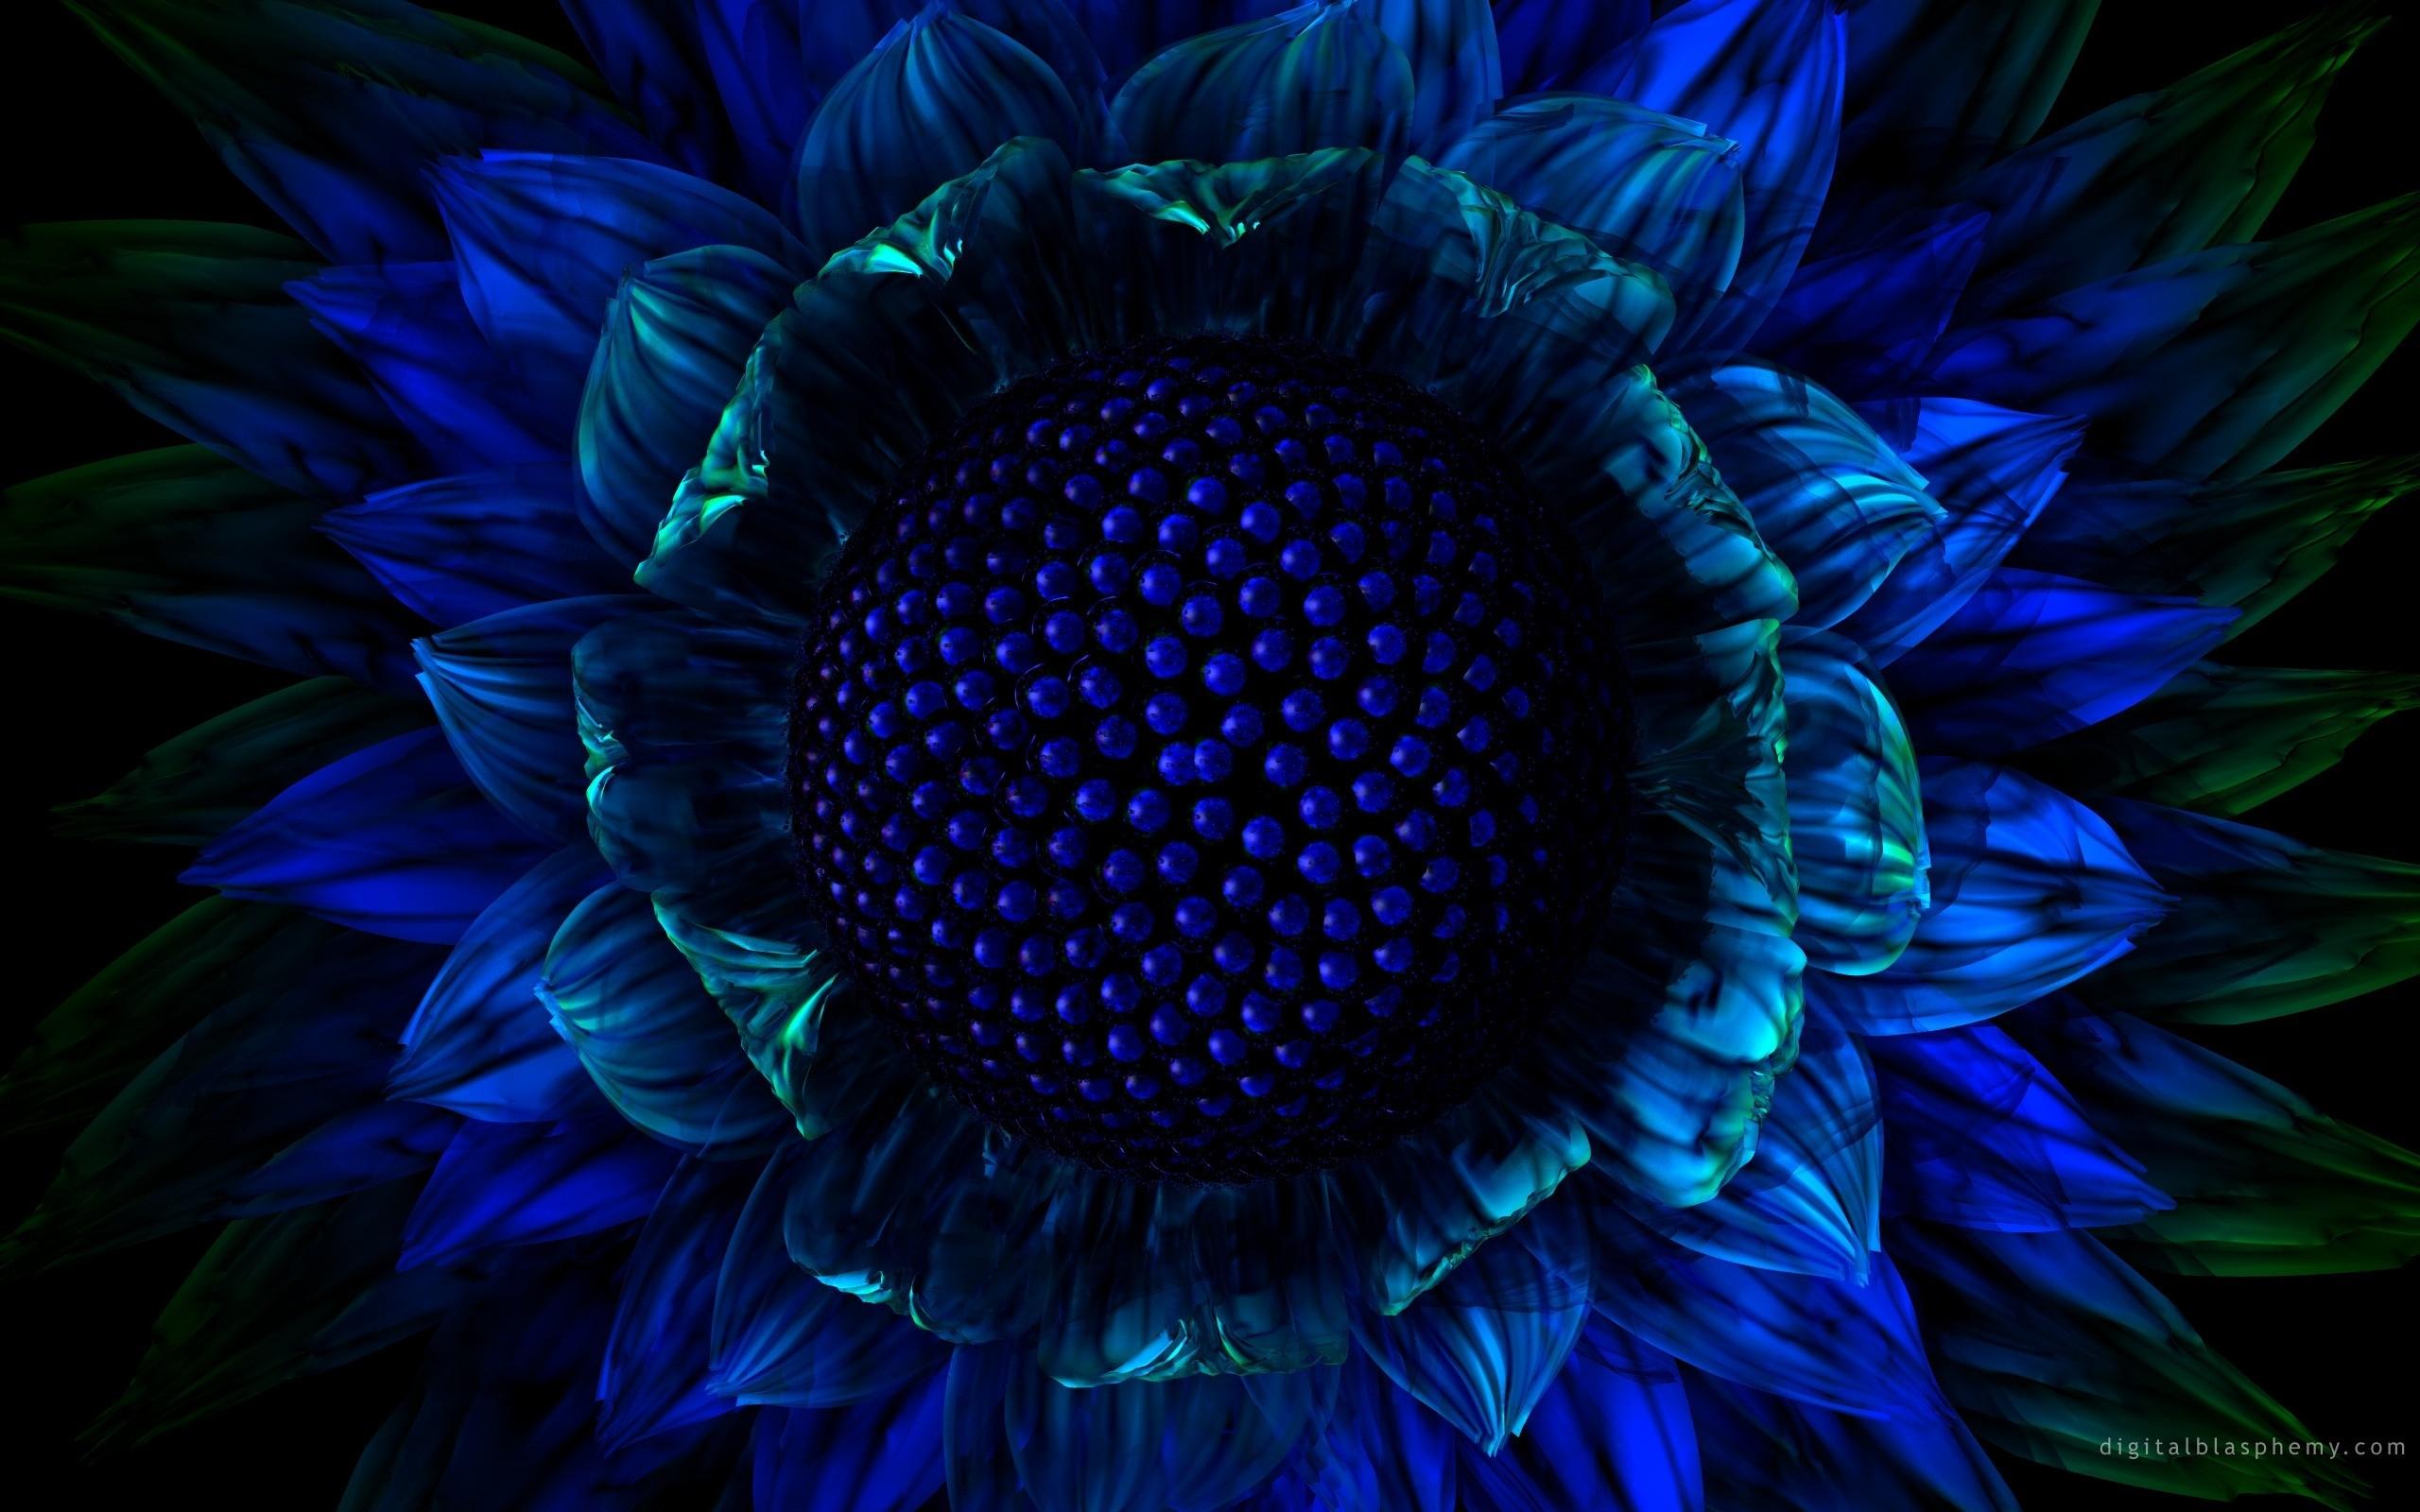 dark blue flowers wallpaper #16151 wallpaper | cool wallpaper